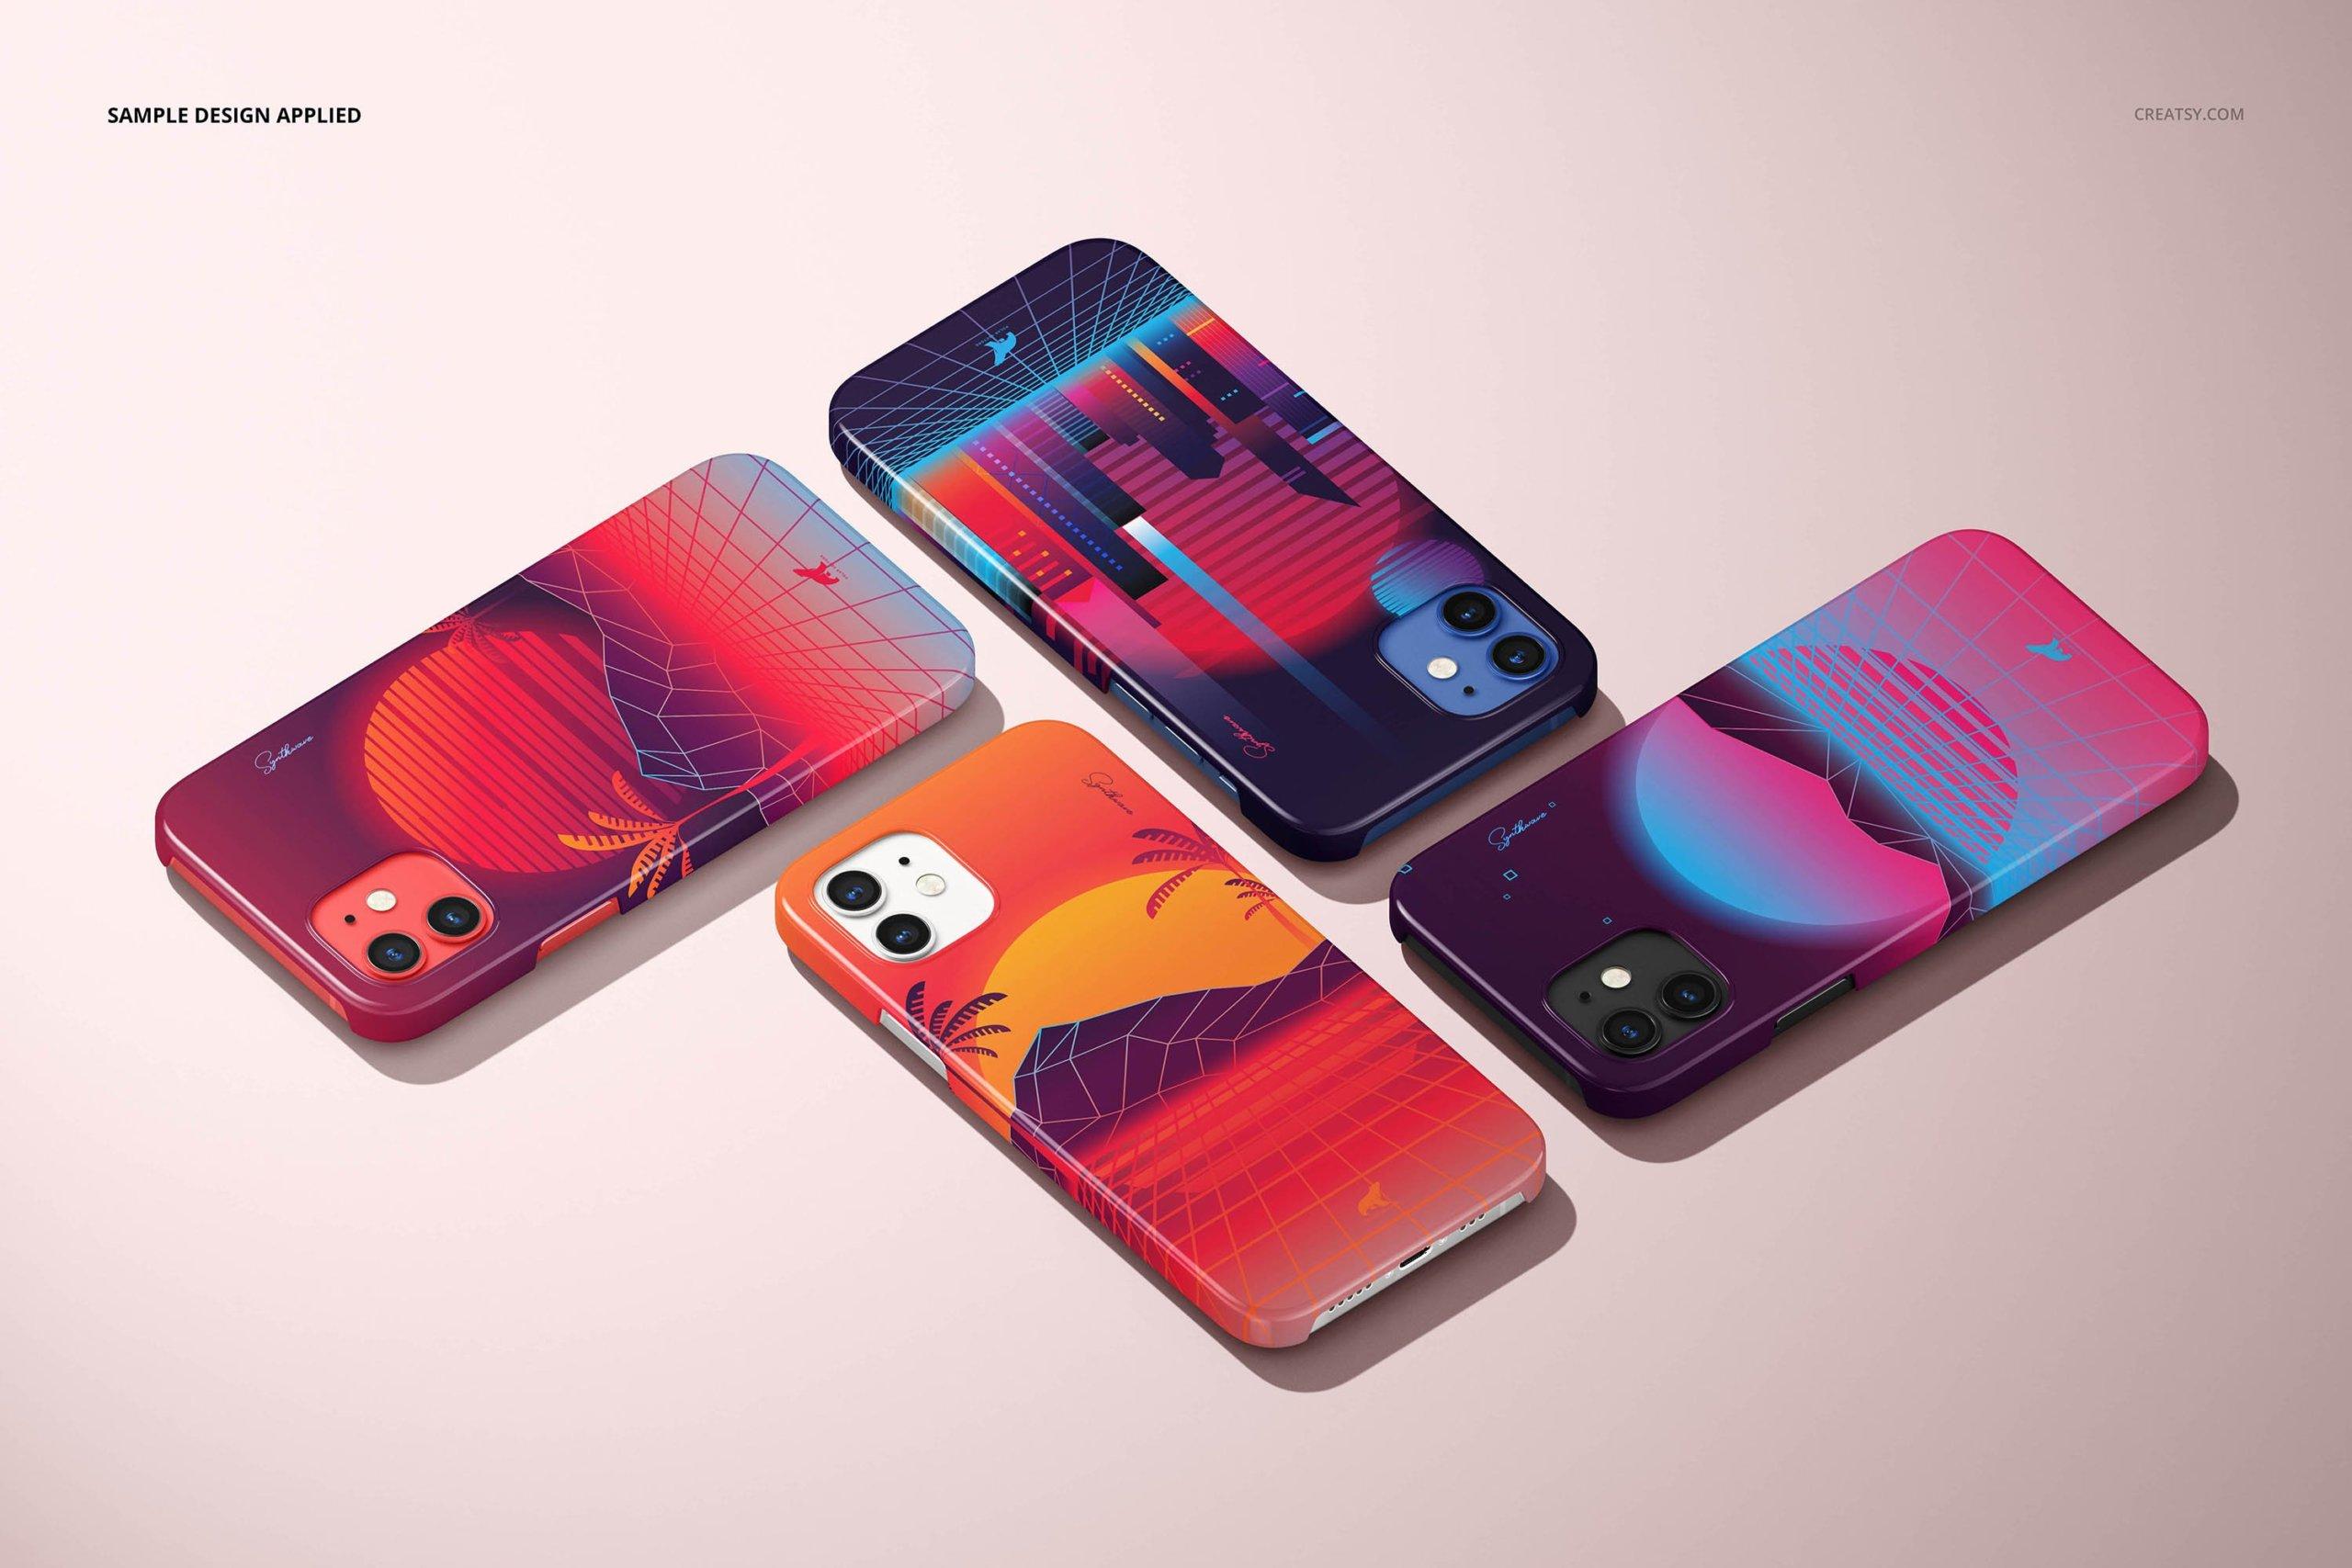 [单独购买] 26款时尚光滑苹果iPhone 12手机保护壳设计PS贴图样机模板素材 iPhone 12 Glossy Snap Case 1 Mockup插图3